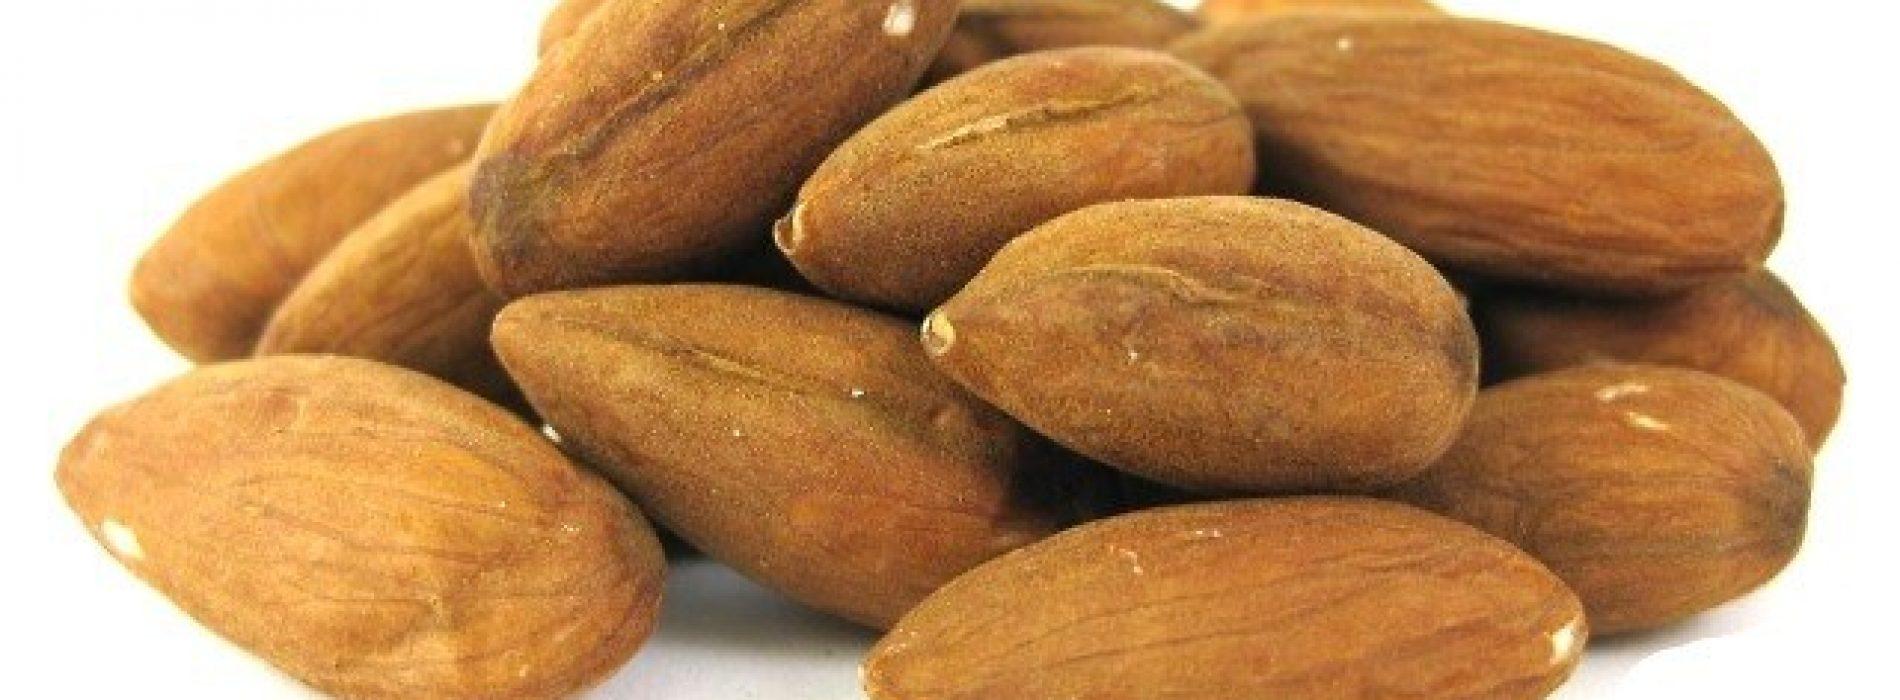 Geef je spijsvertering een snelle boost door gekiemde noten te eten